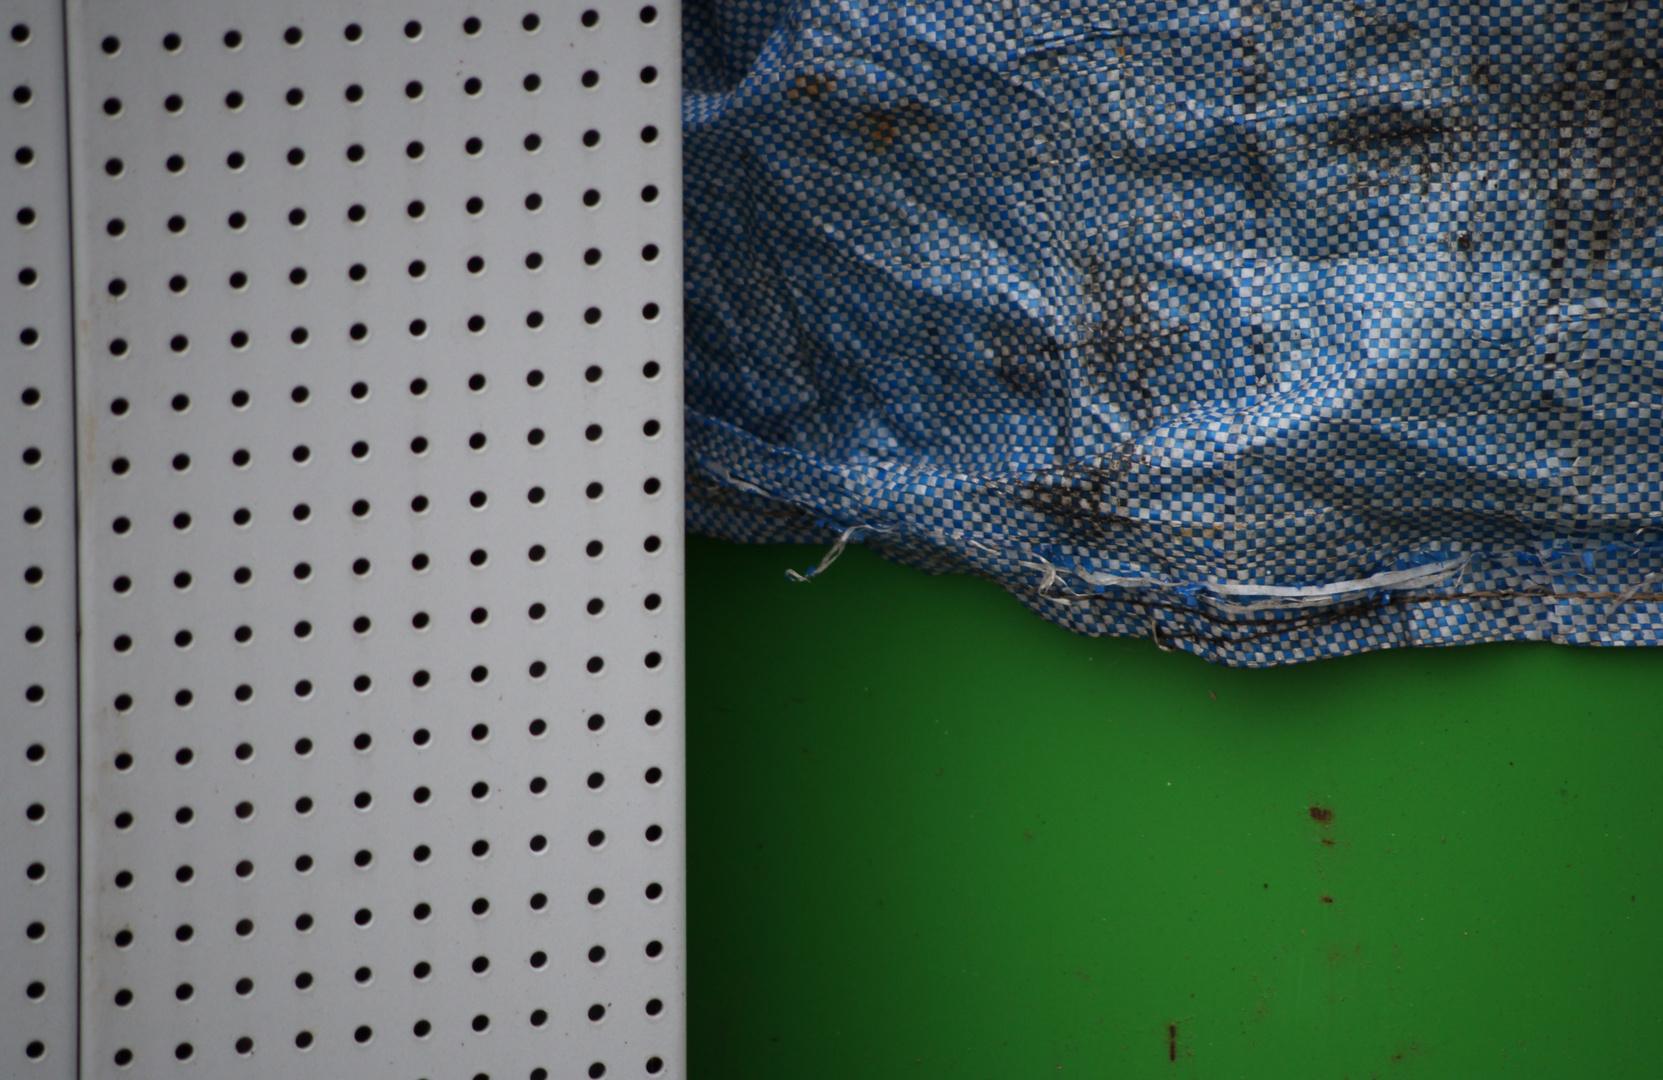 Rund, Raum. Quadratisch, Fläche. Und Grün.